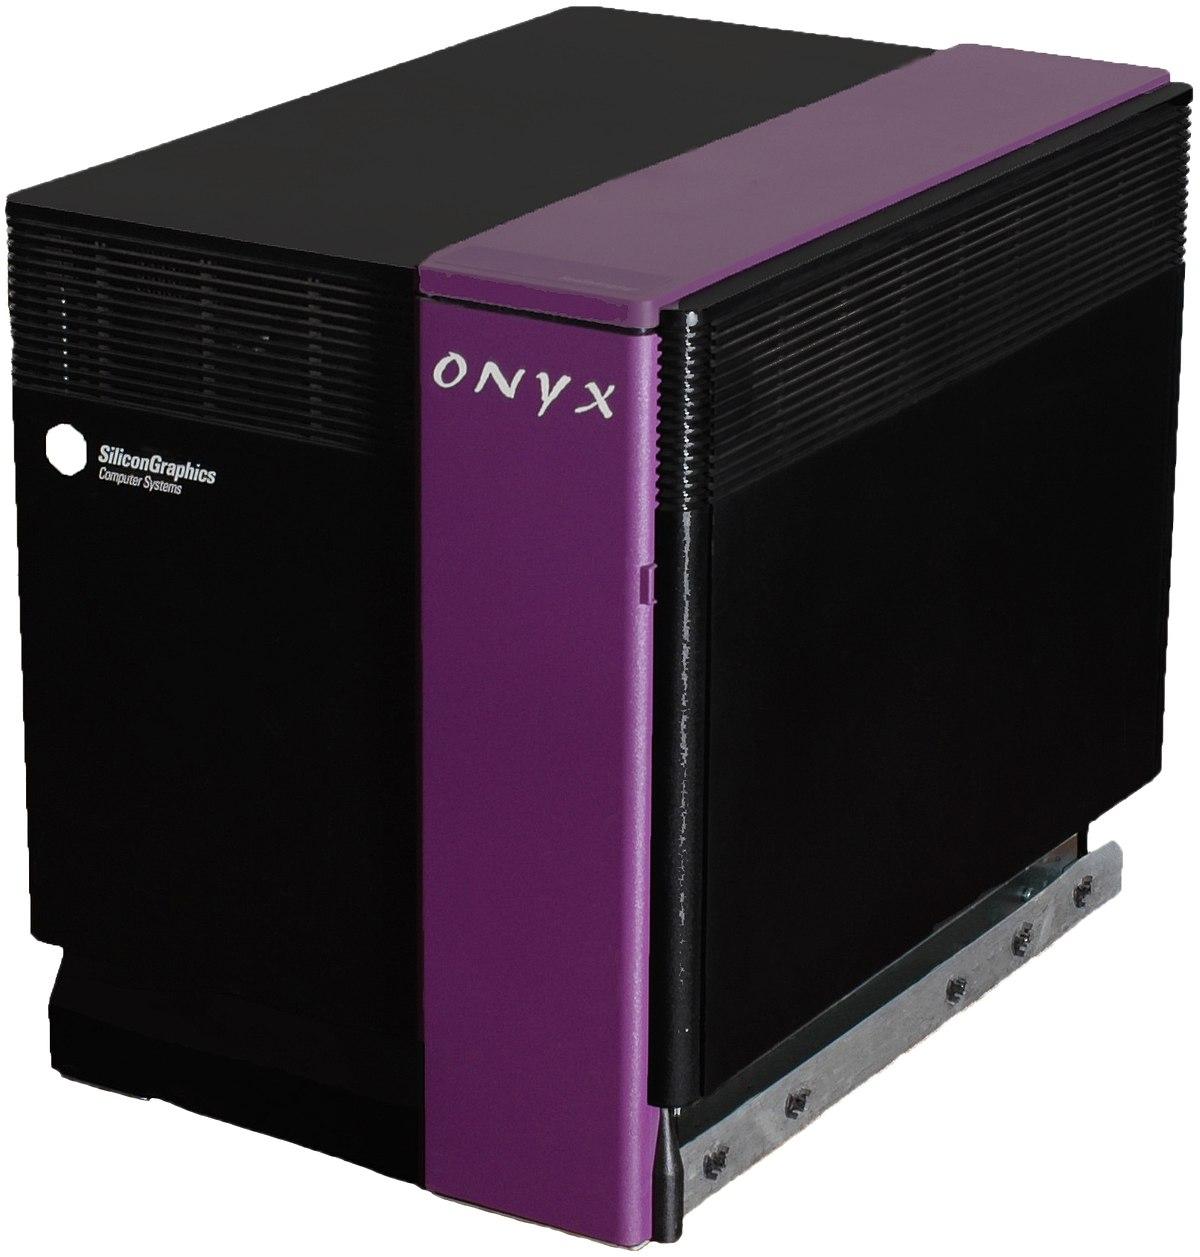 SGI Onyx box